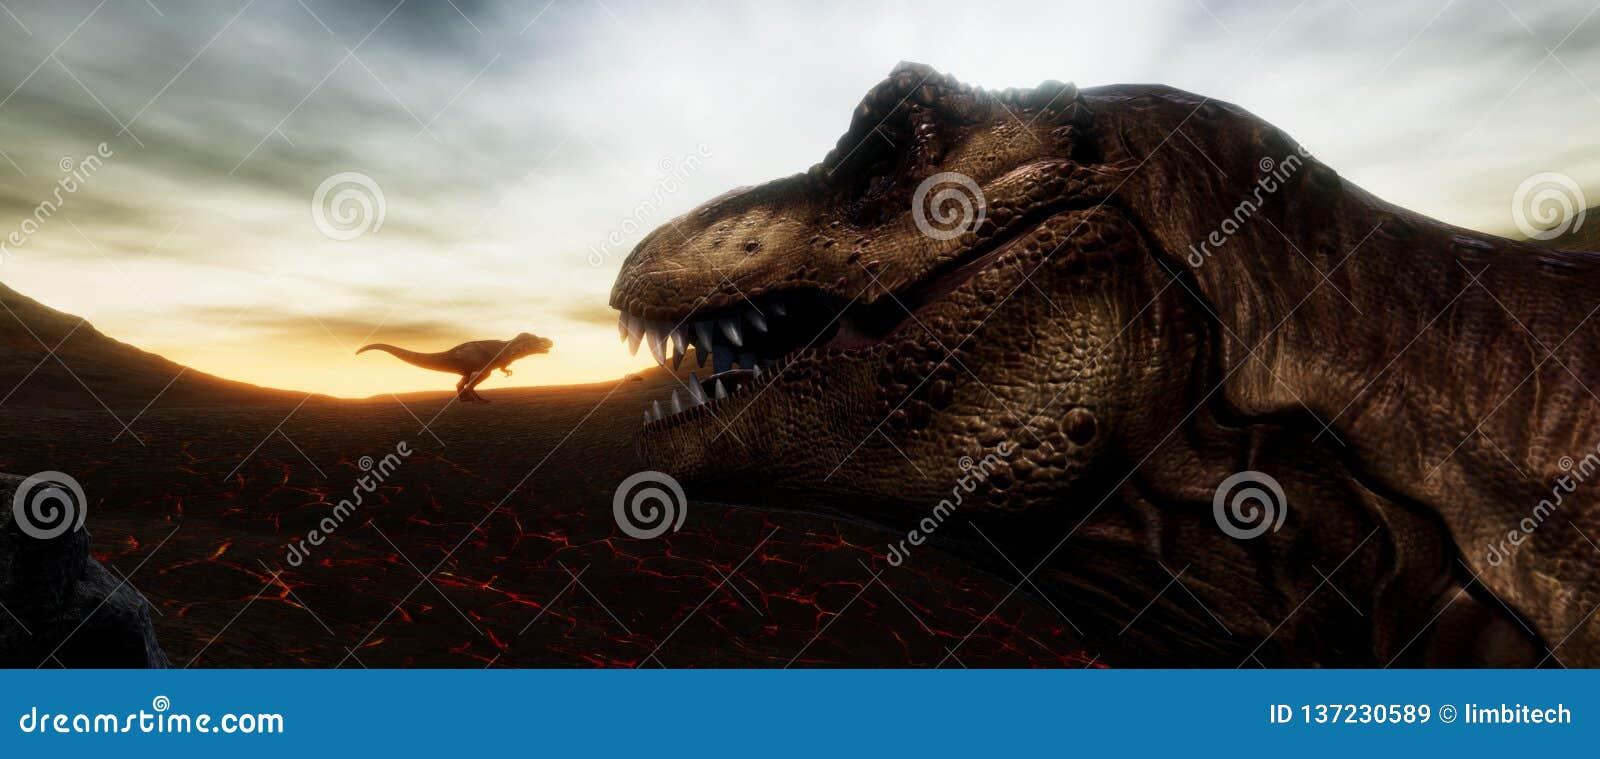 Весьма детальное и реалистическое высокое illustratation разрешения 3d динозавра T-Rex во время вымирания динозавров